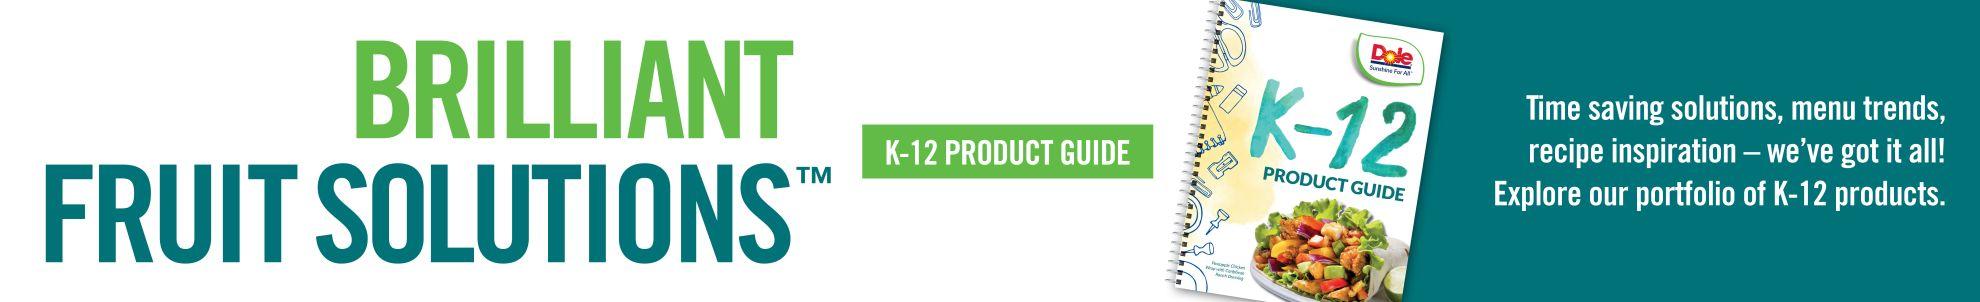 Dole digital brochure touts desktop k12